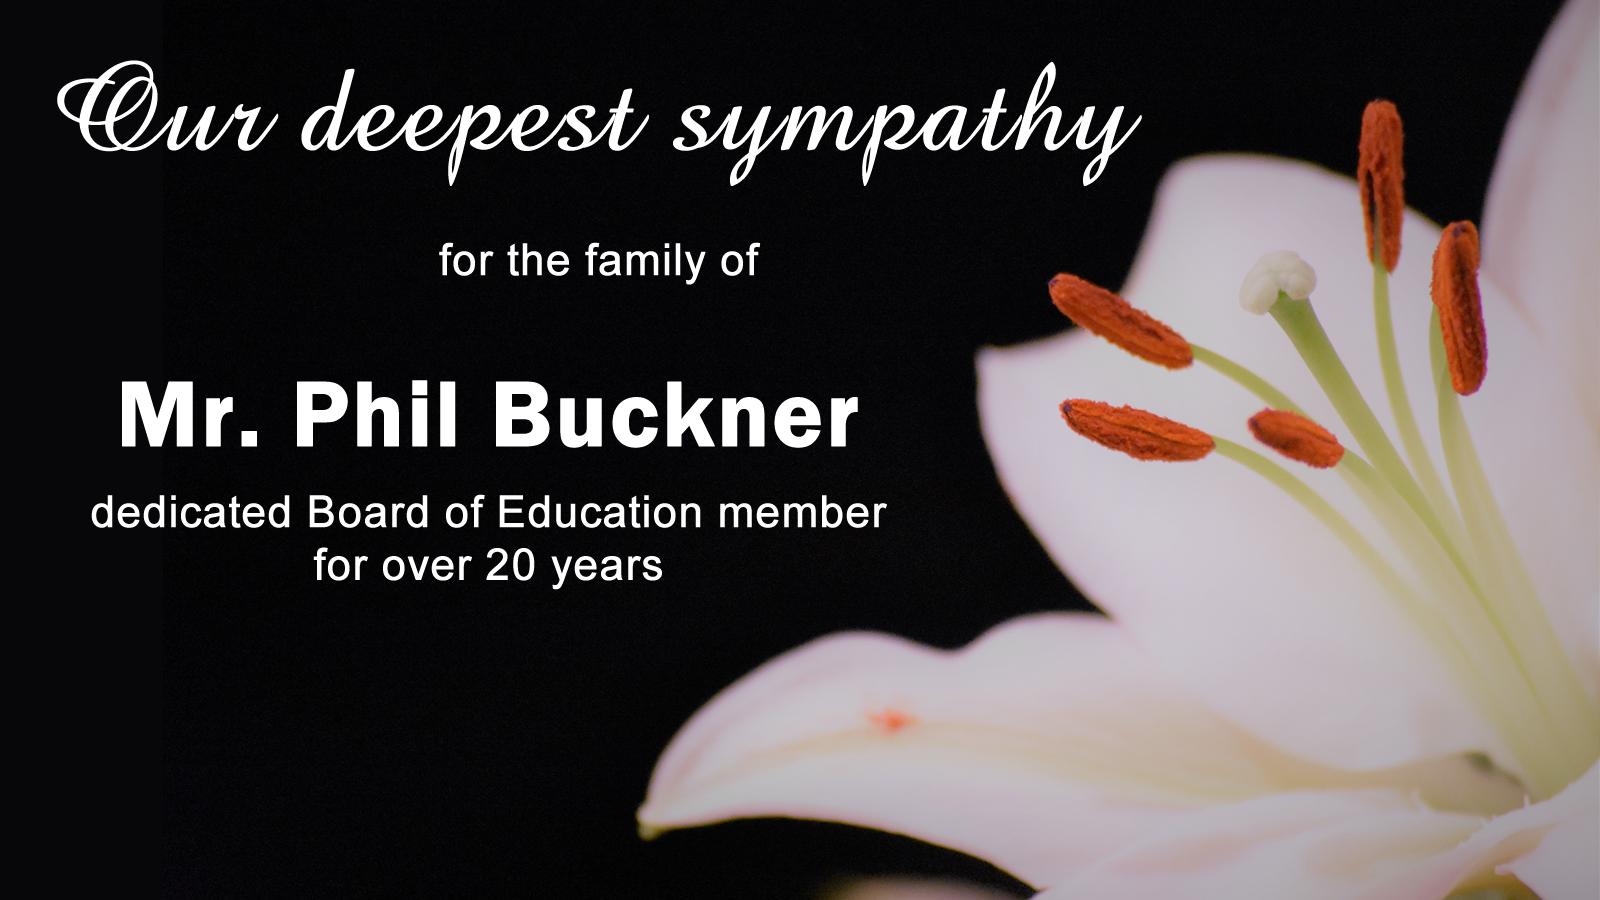 Phil Buckner